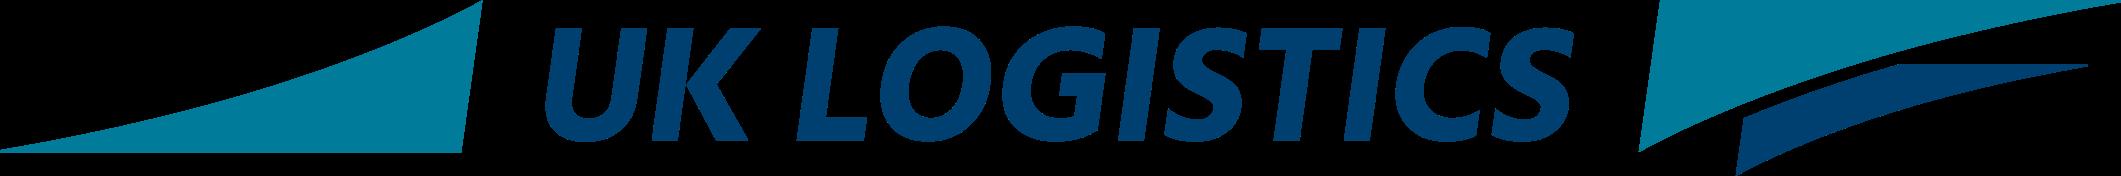 logo_uklogistics_de_en_2020